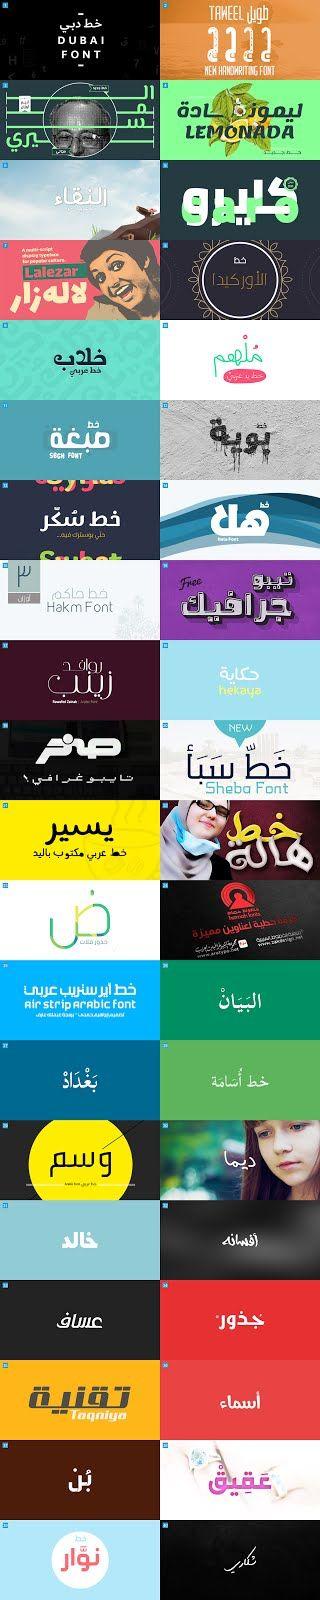 تحميل أفضل 76 خط عربي إحترافي مجاني | Best 76 Free Arabic Font